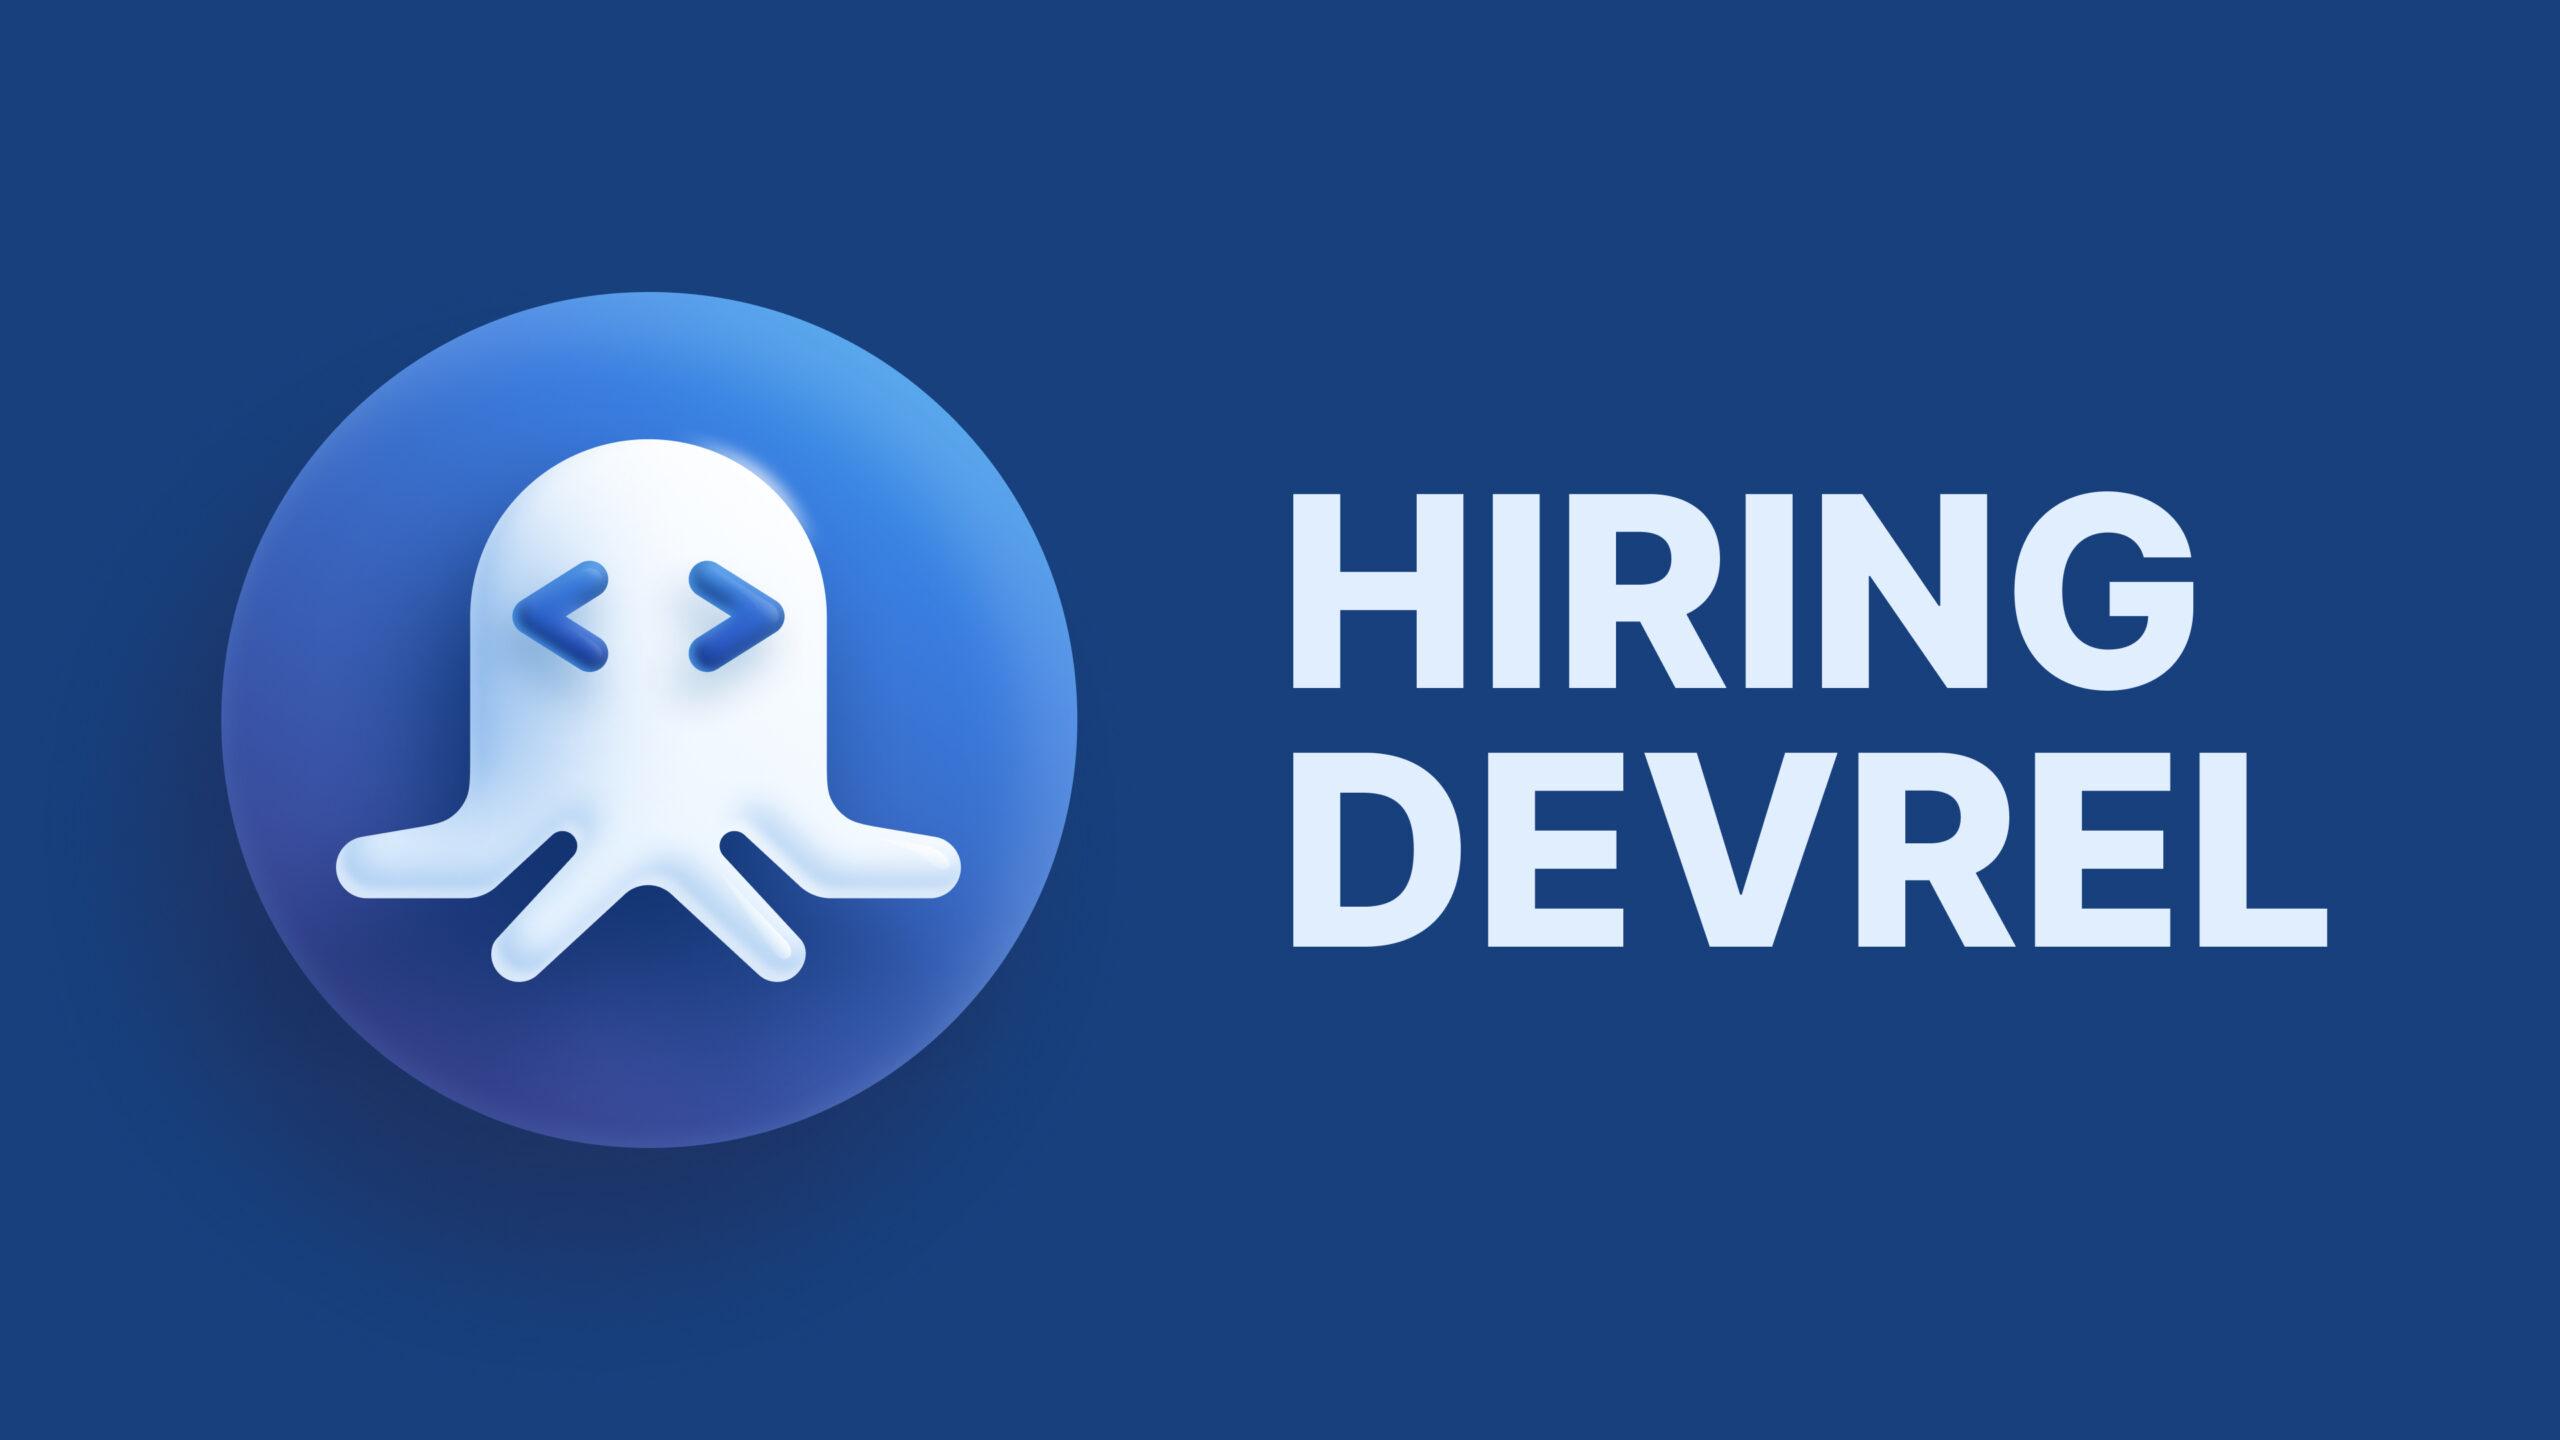 Hiring DevRel at RapidAPI